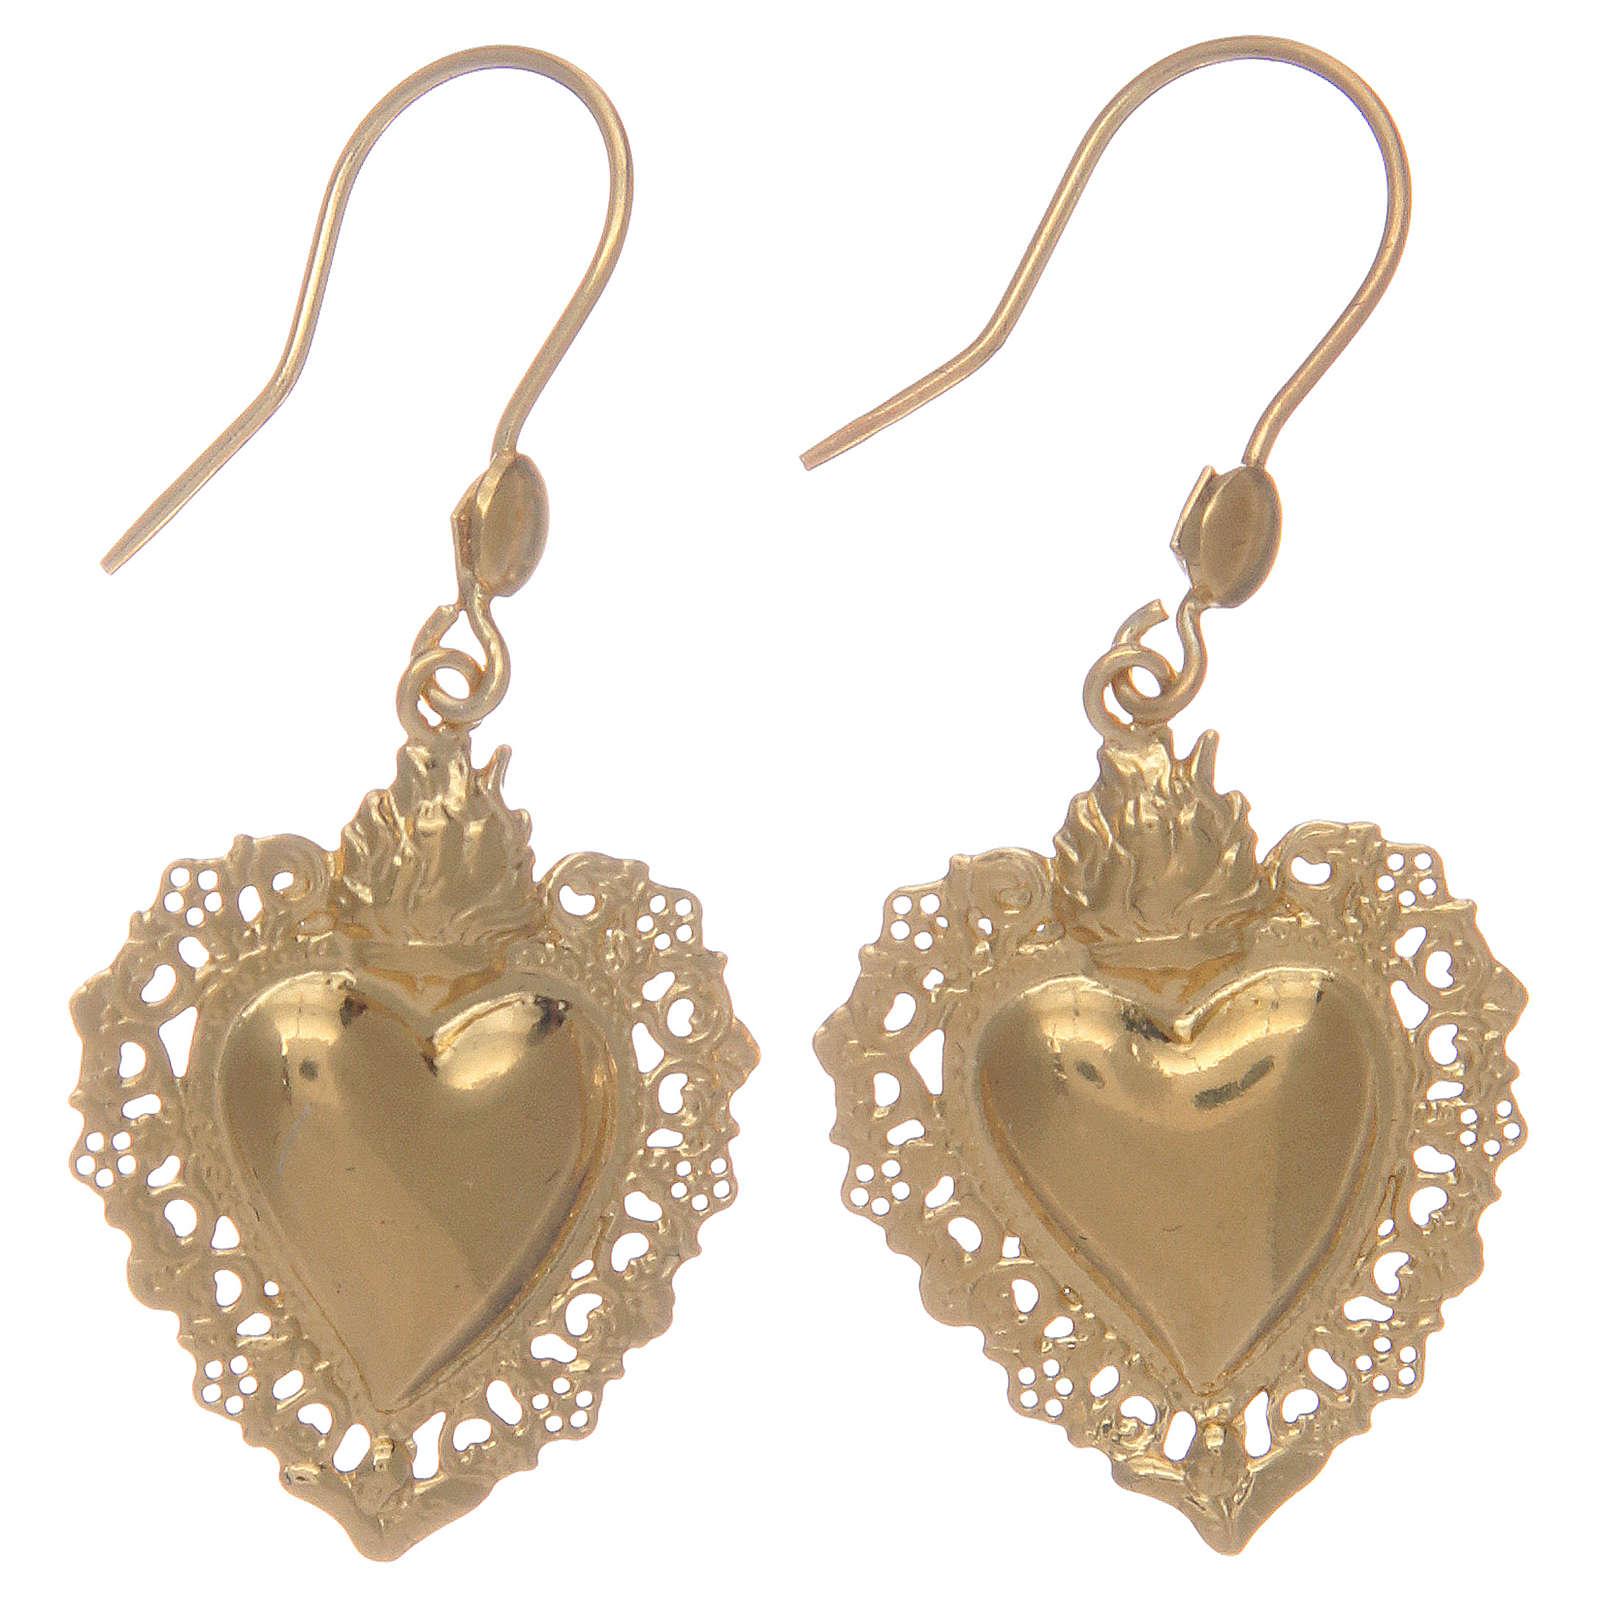 Orecchini in argento 925 pendenti dorati con cuore votivo 4